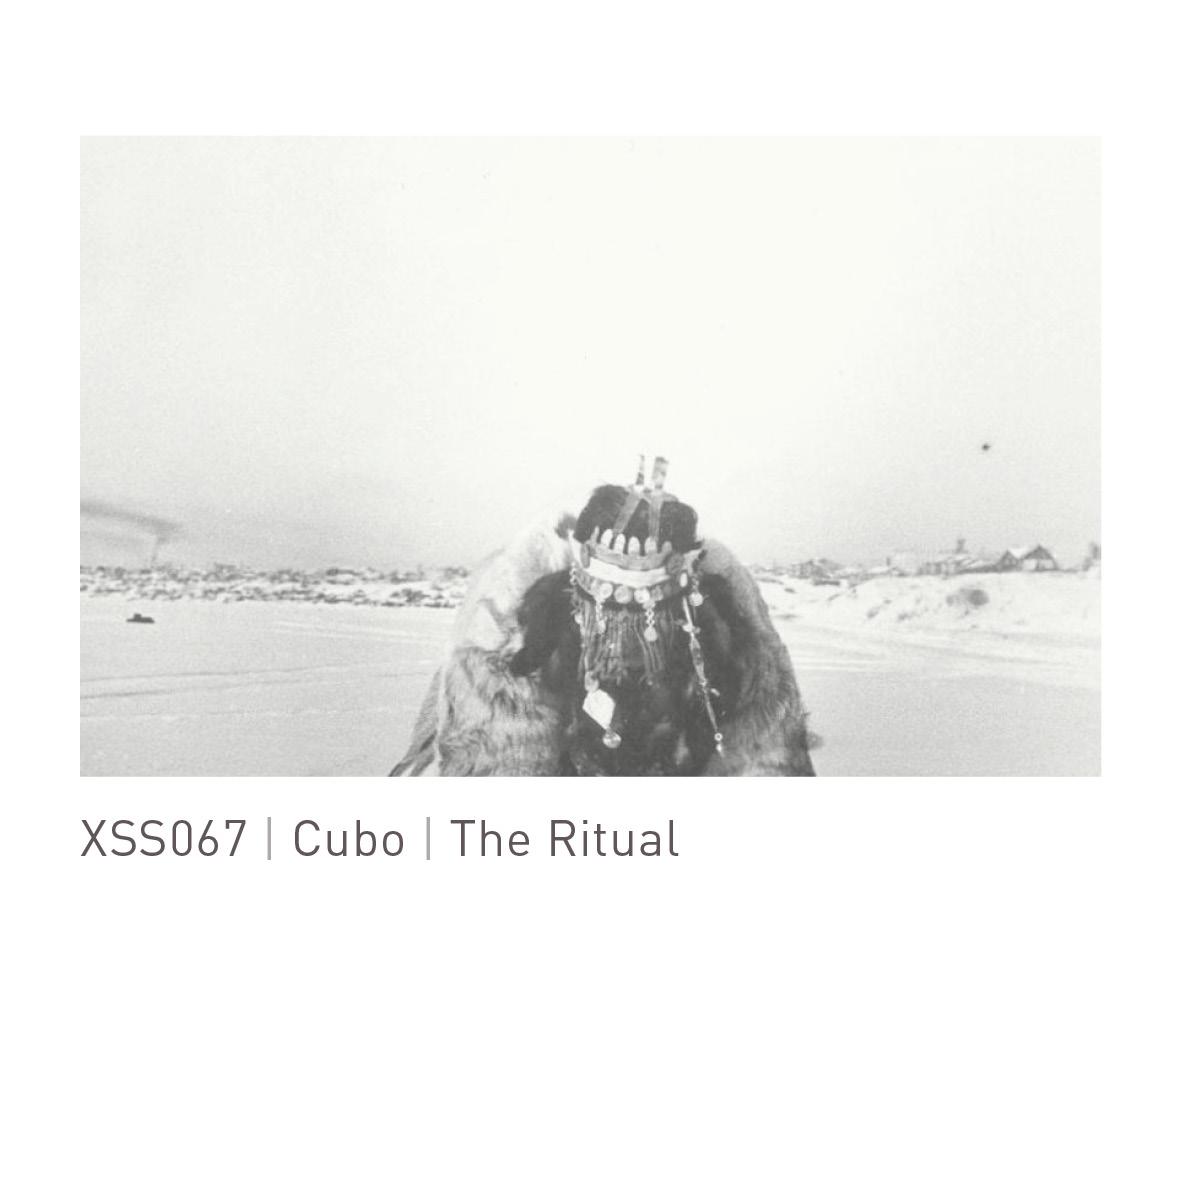 XSS067  |  Cubo  |  The  Ritual